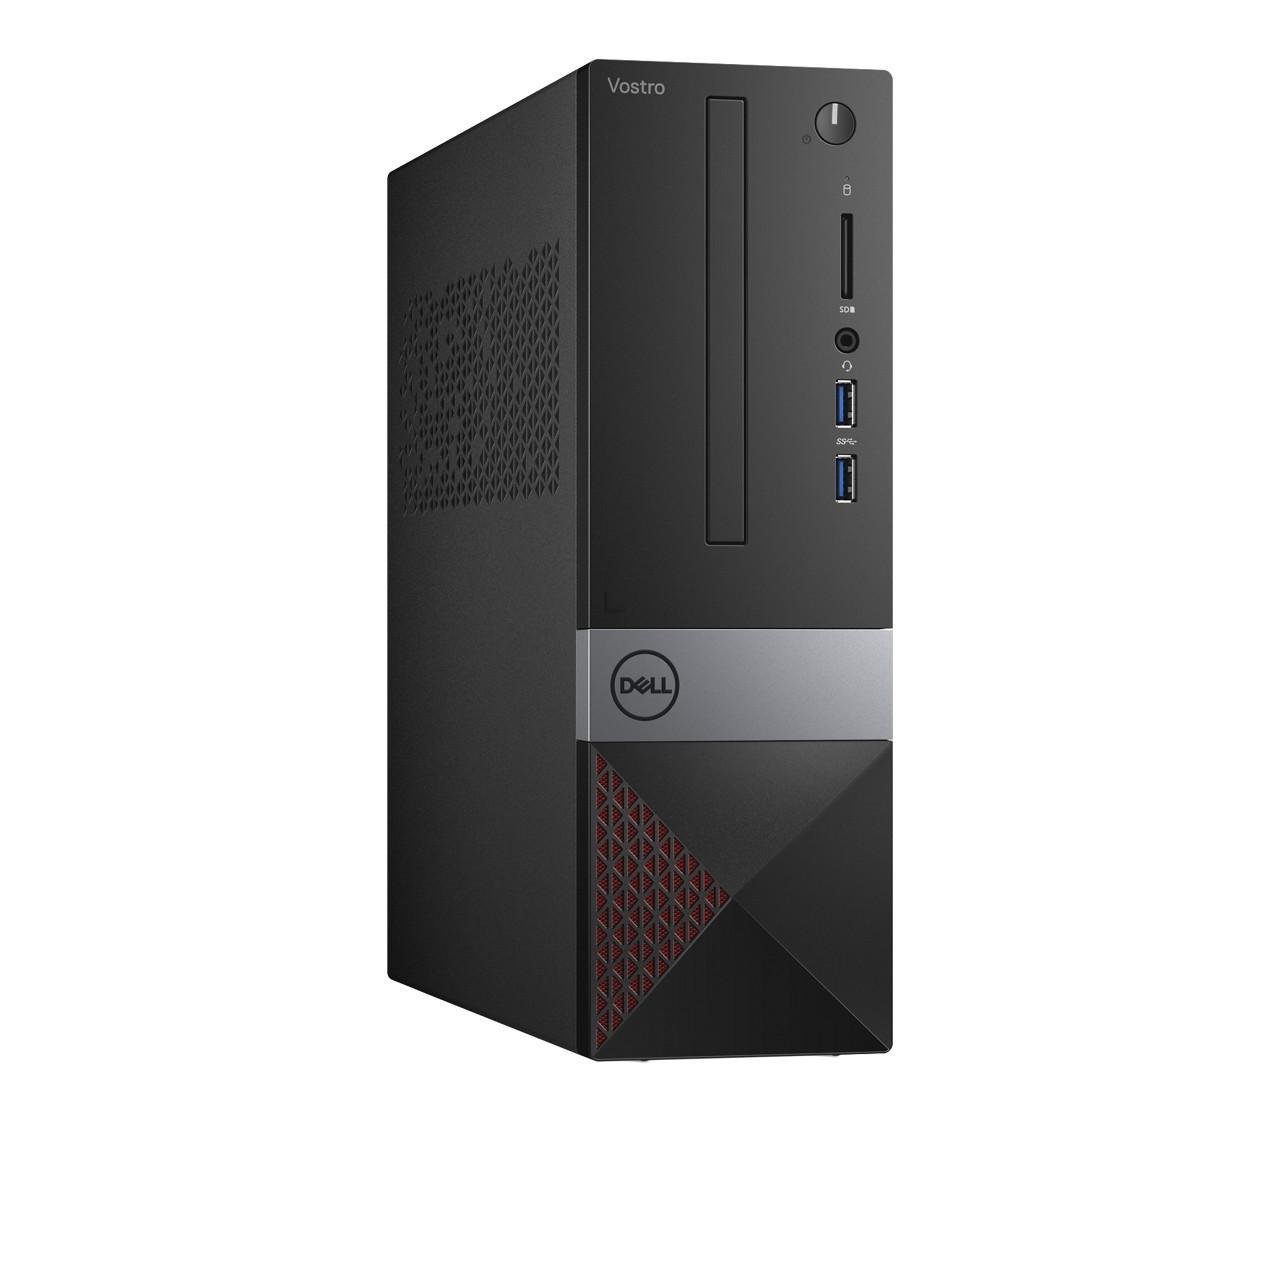 Máy tính để bàn Dell Vostro 3470 (Intel Core i5-8400 (2.80 GHz/9 MB)/4GB RAM/1TB HDD/DVDRW/WL+BT Card) - Hàng Chính Hãng Nhật Bản